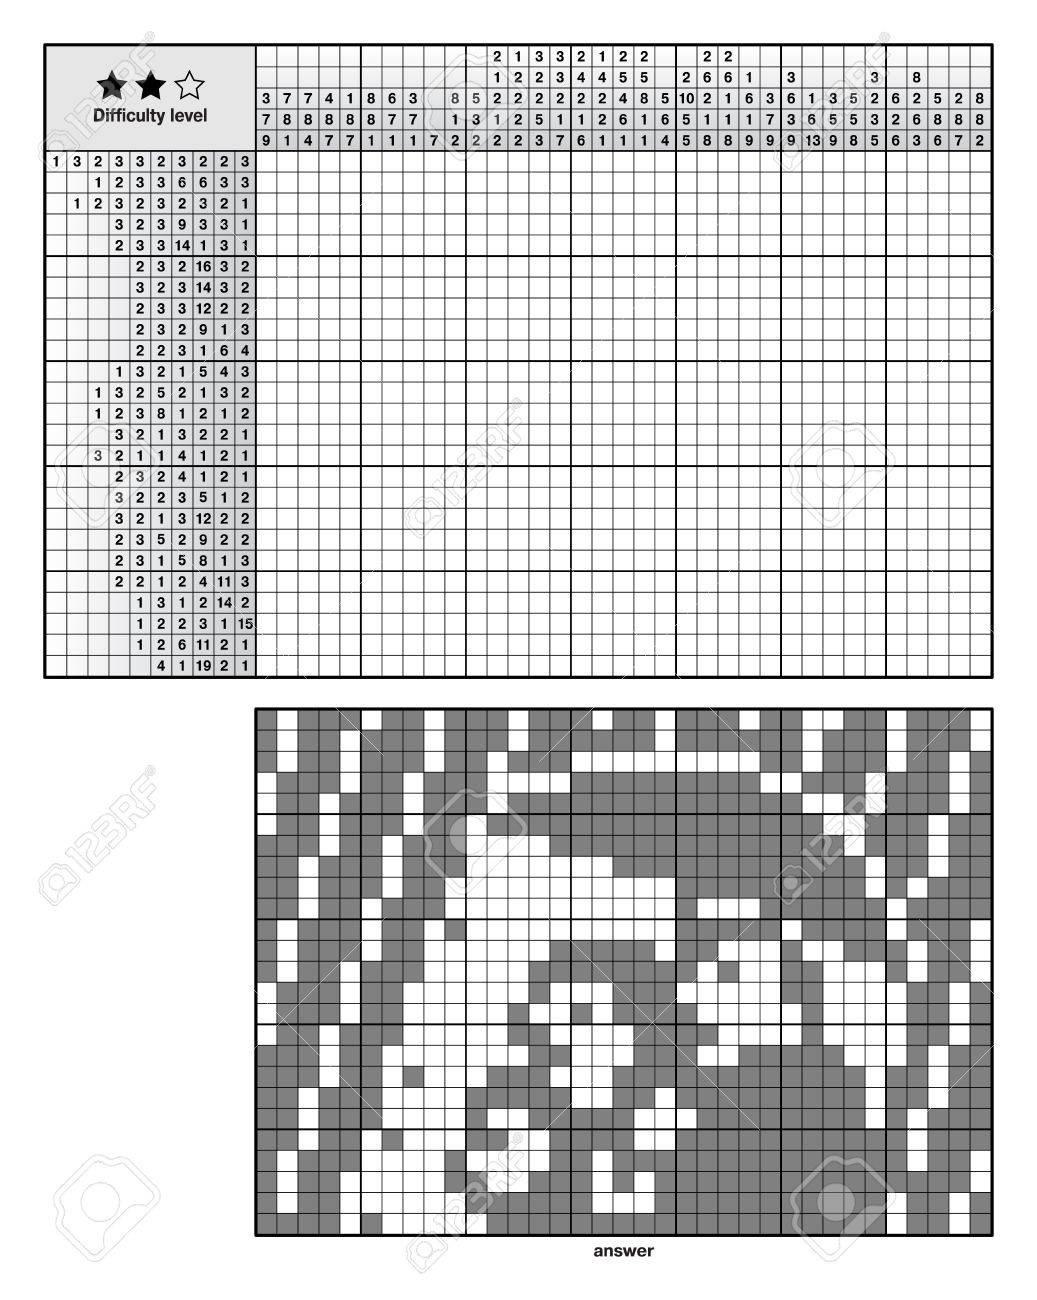 Puzzles De Logique D'image, De Mots Croisés Japonais, Nonogram Pour Les  Novices concernant Mots Croisés Pour Débutants